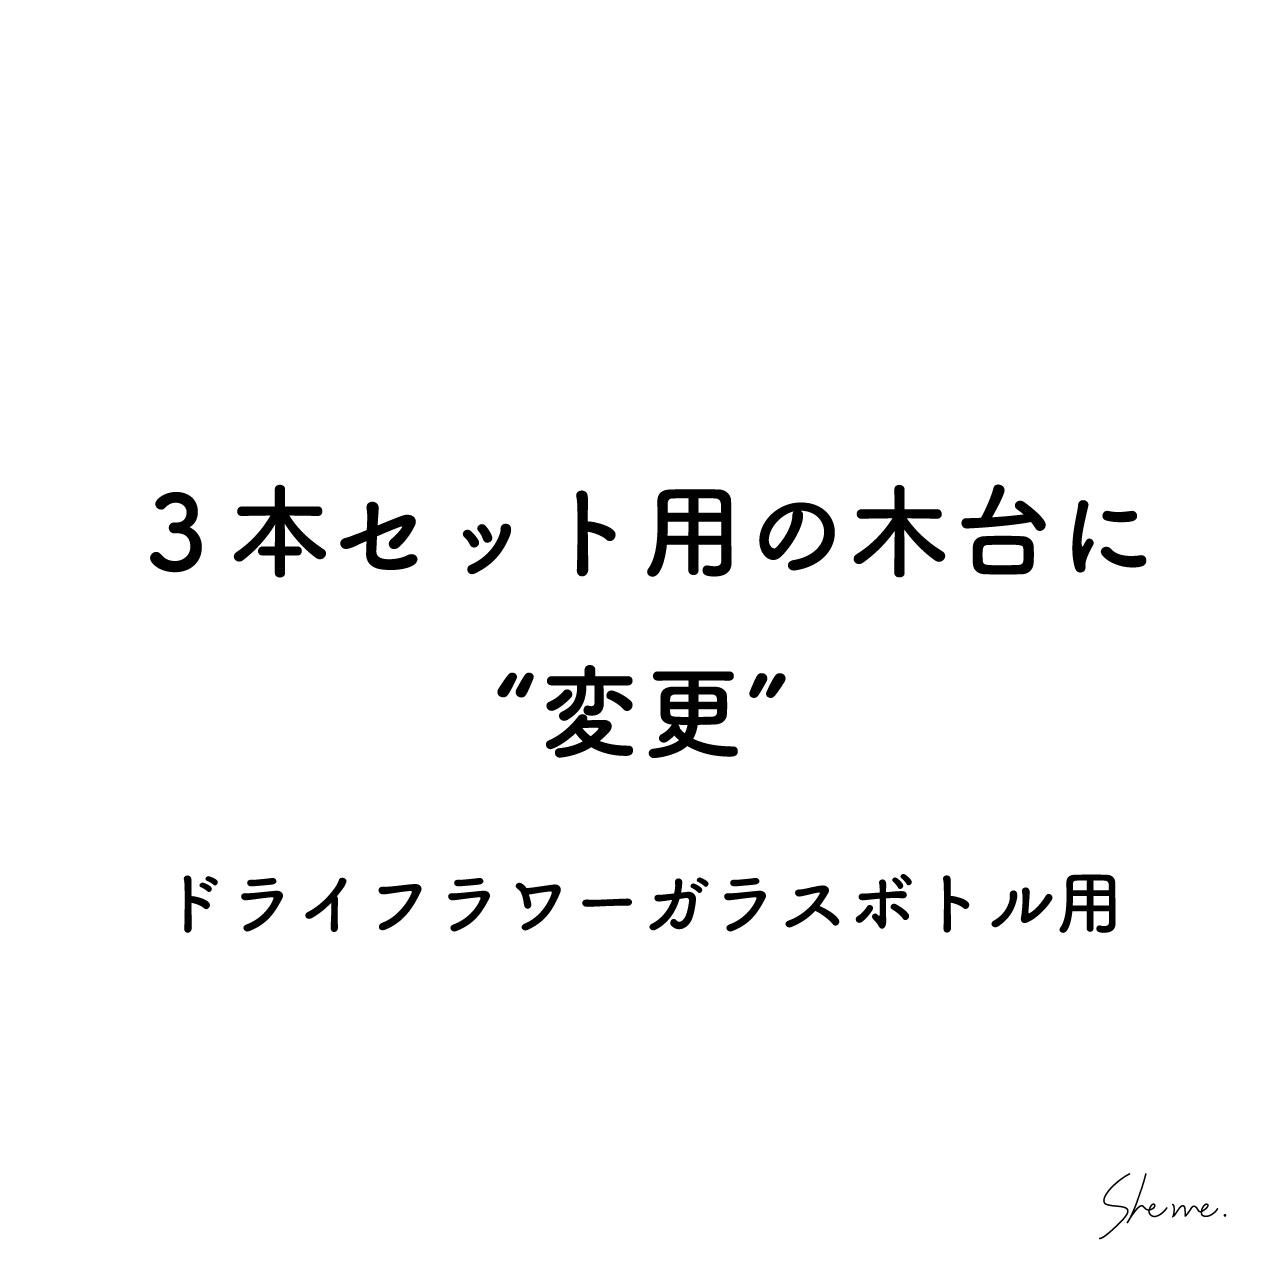 """3本セット用の木台に""""変更"""""""